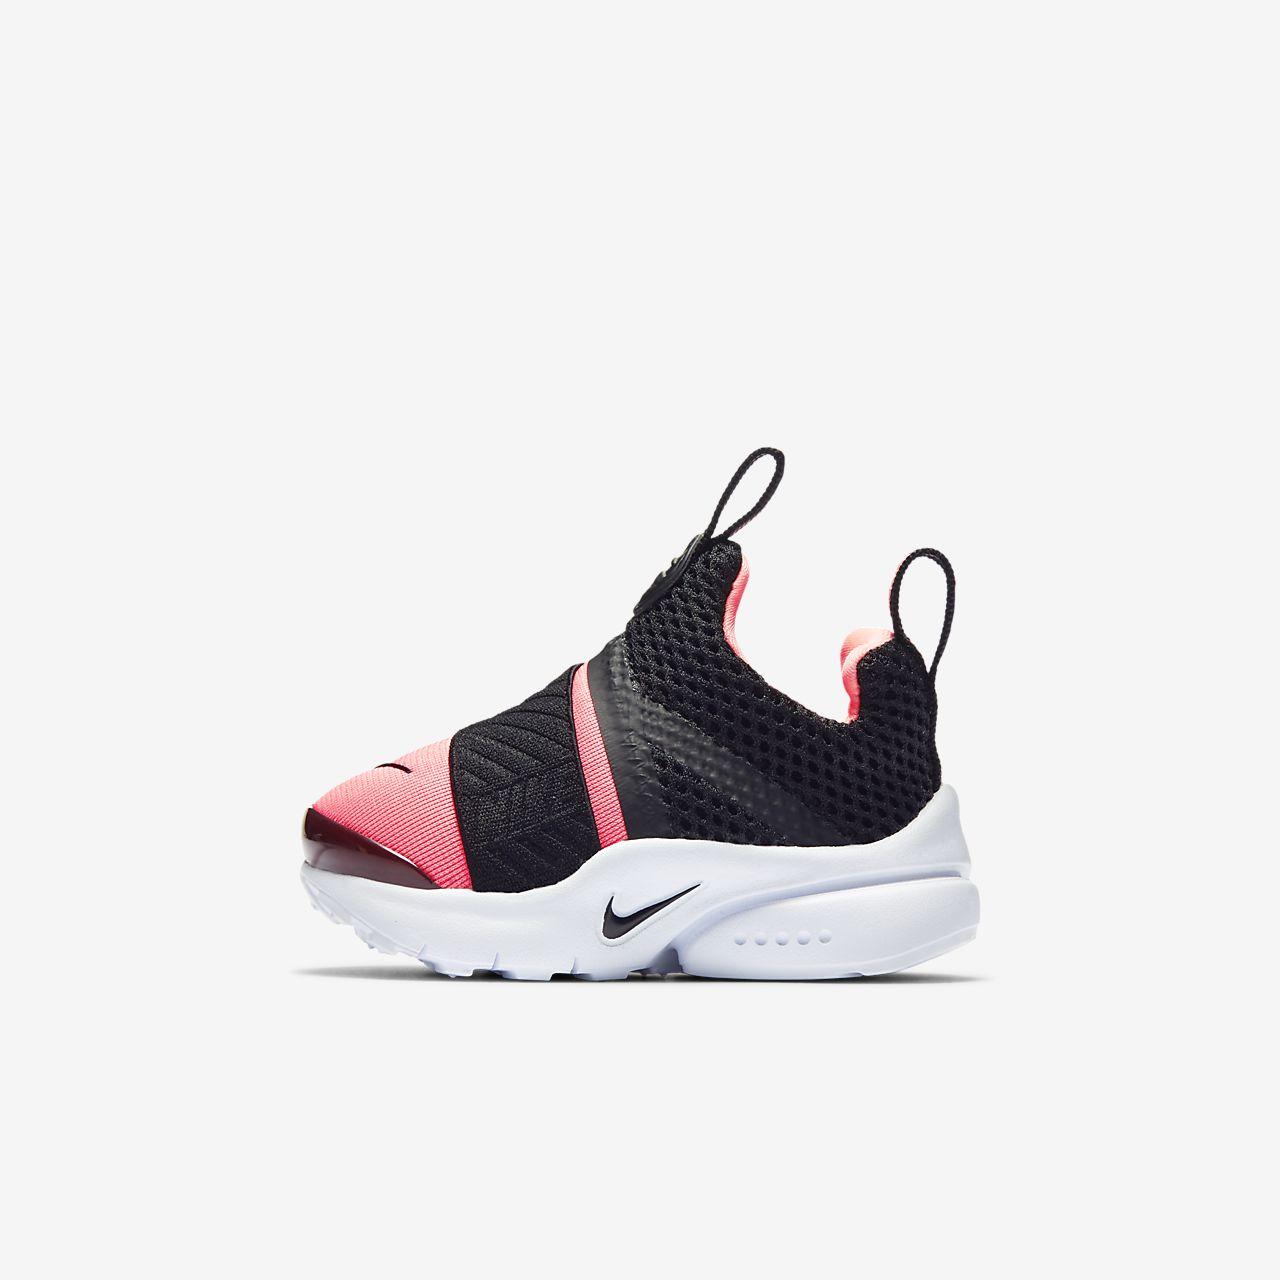 ... Chaussure Nike Presto Extreme pour Bébé/Petit enfant